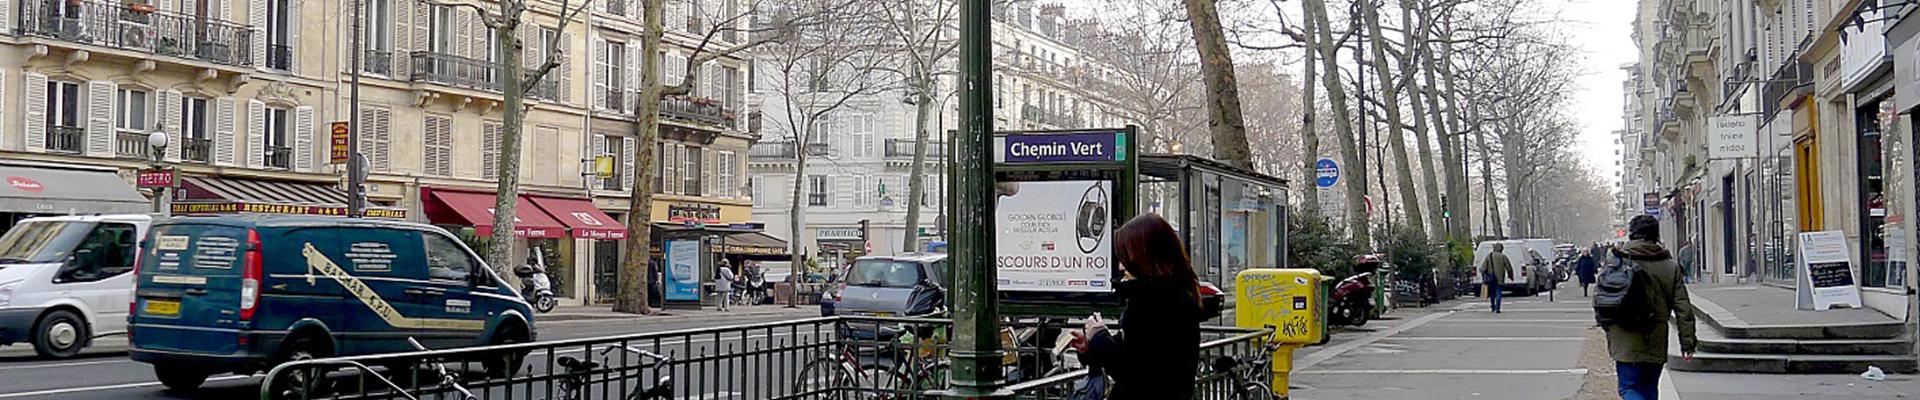 Louer des bureaux à Paris, Chemin Vert, une opportunité exceptionnelle